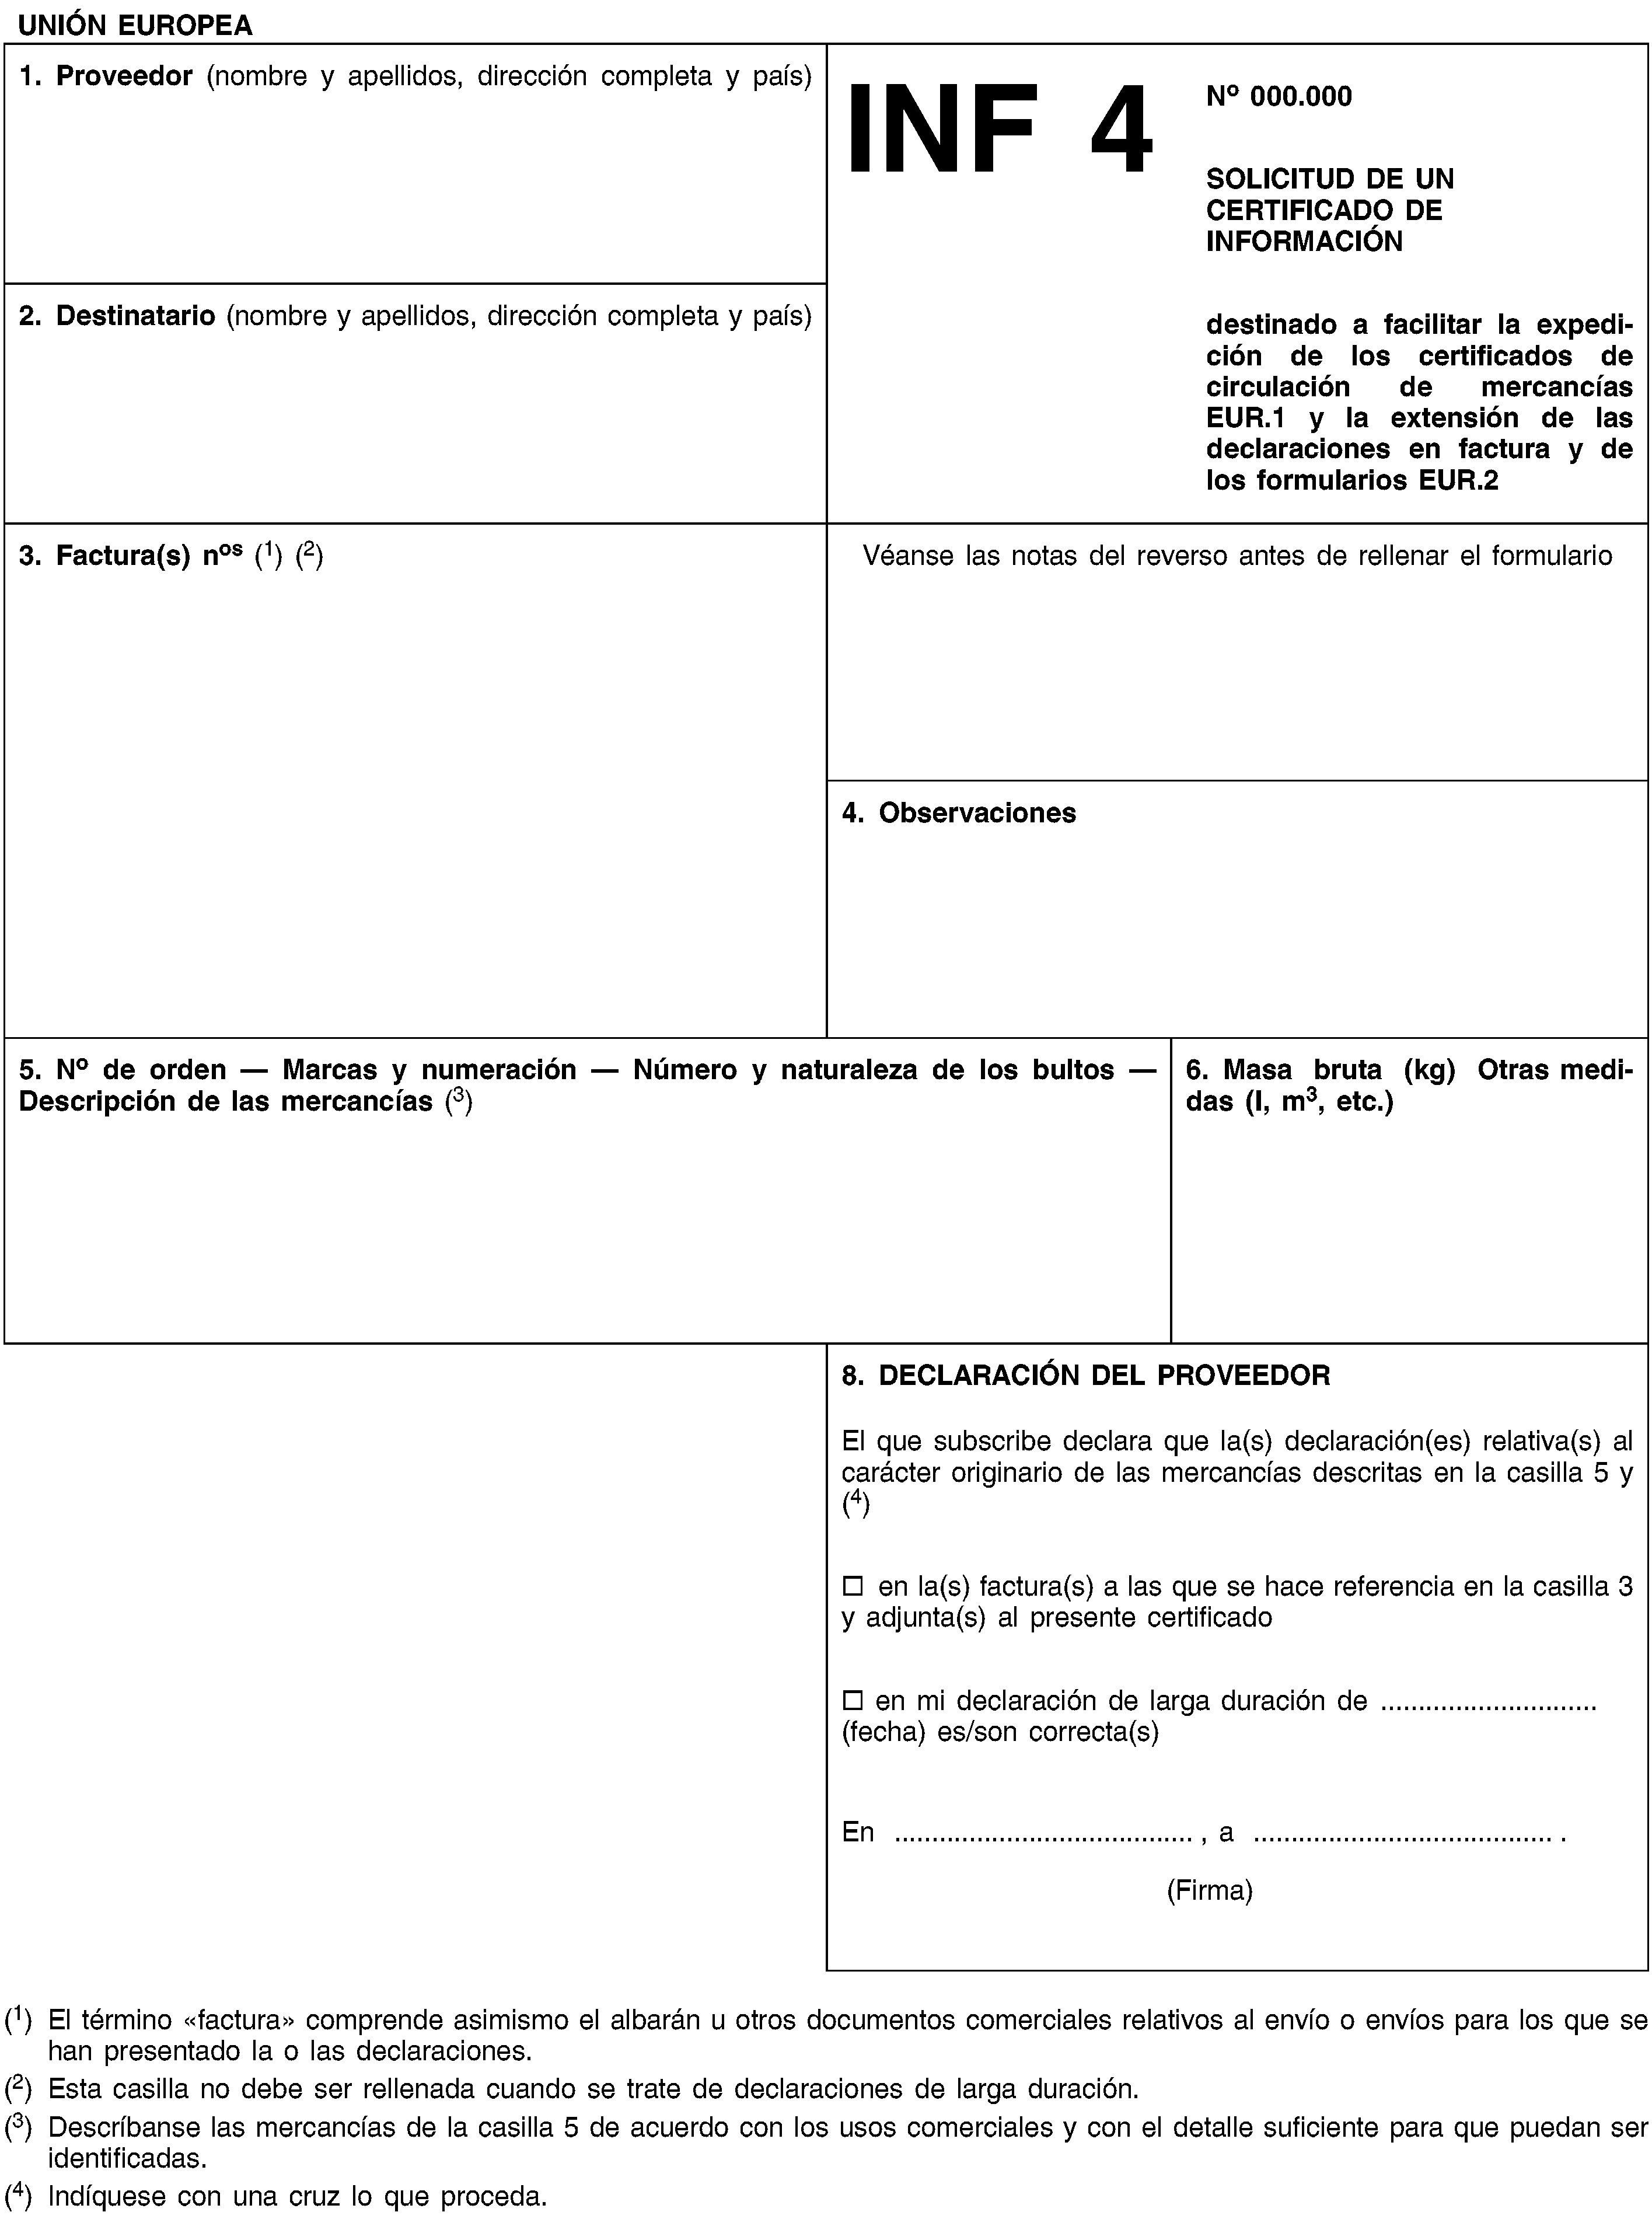 Calendario Abril 2019 España Recientes Eur Lex R2447 En Eur Lex Of Calendario Abril 2019 España Más Recientes Resolviendo El Dise±o De Modelos De Dominio Hl7 Mediante soluciones